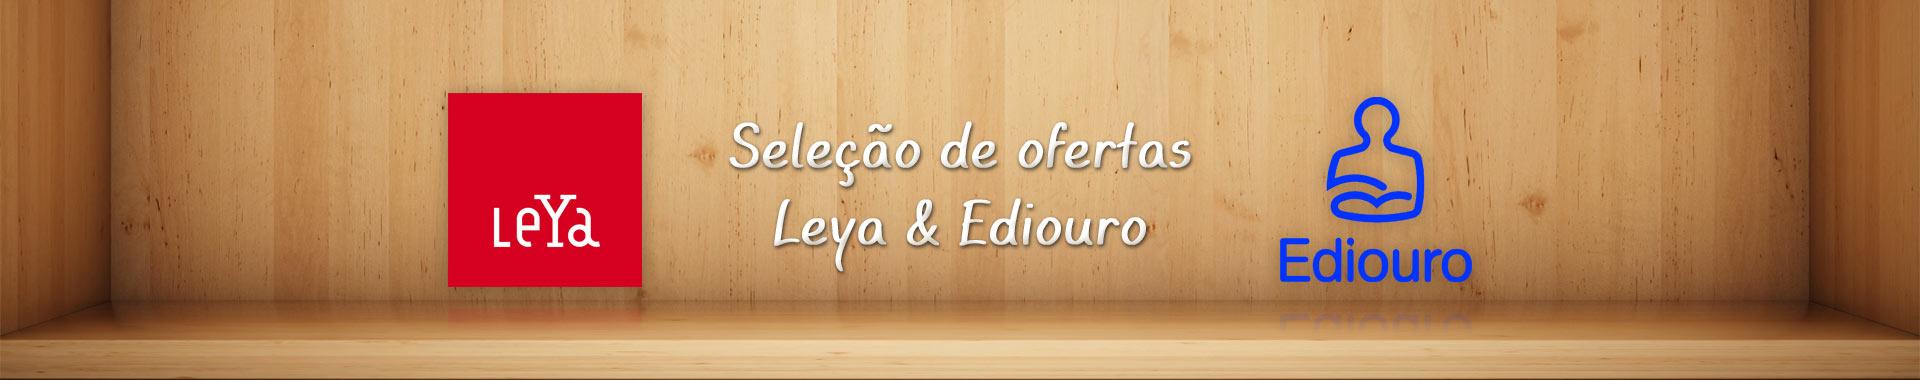 Leya Ediouro